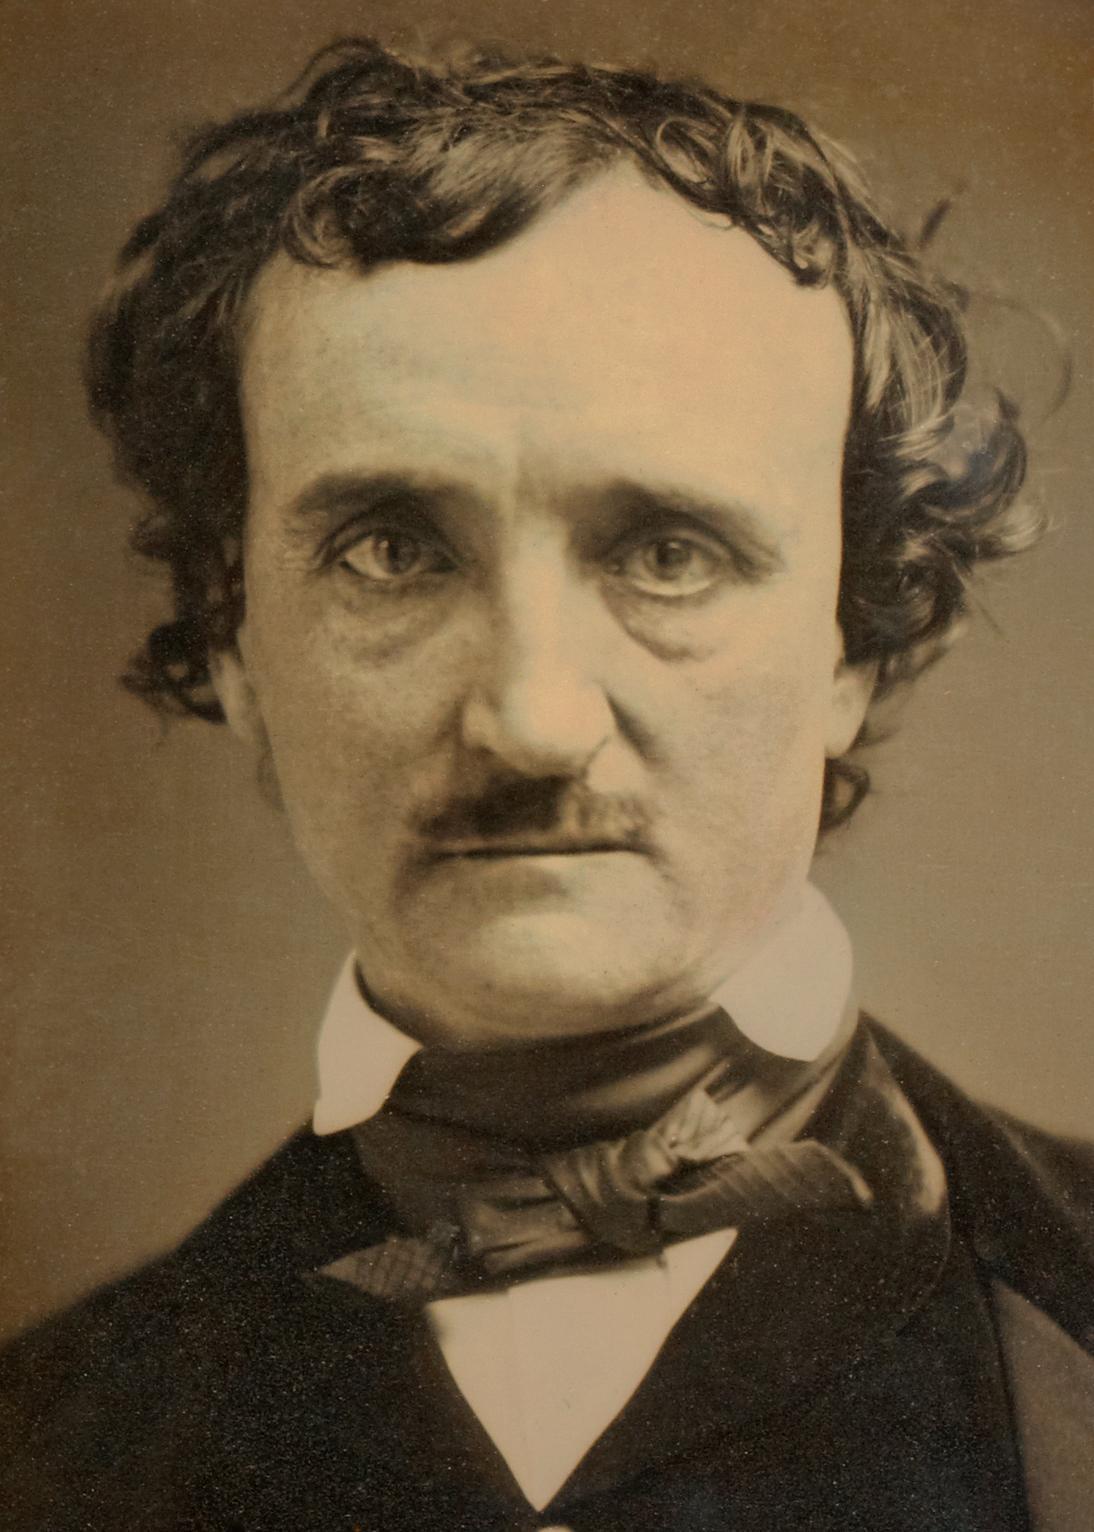 Edgar Allan Poe napíše děsivý příběh, který se později skutečně stane.